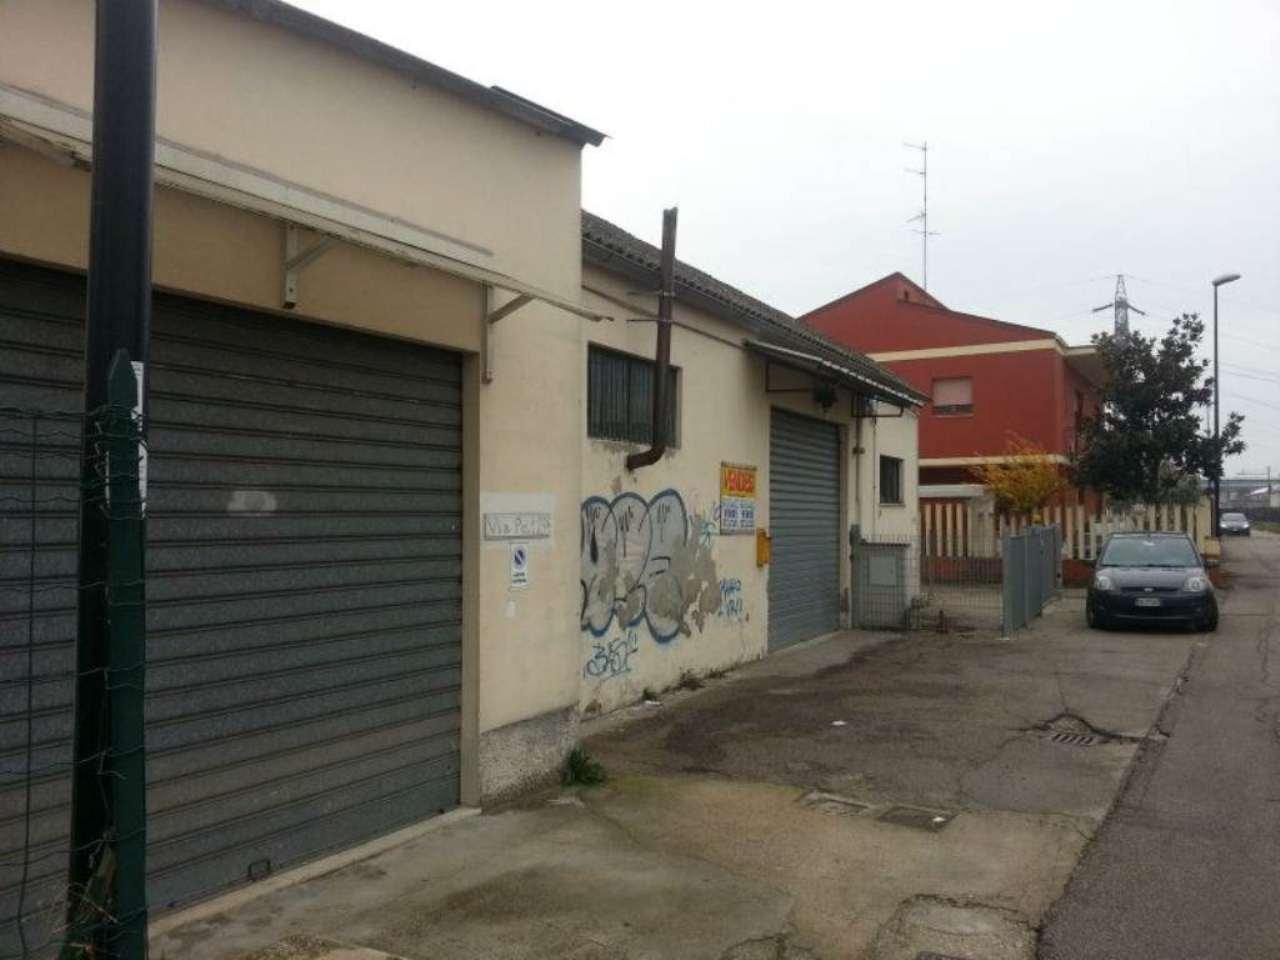 Laboratorio in affitto a Pescara, 2 locali, prezzo € 800 | CambioCasa.it